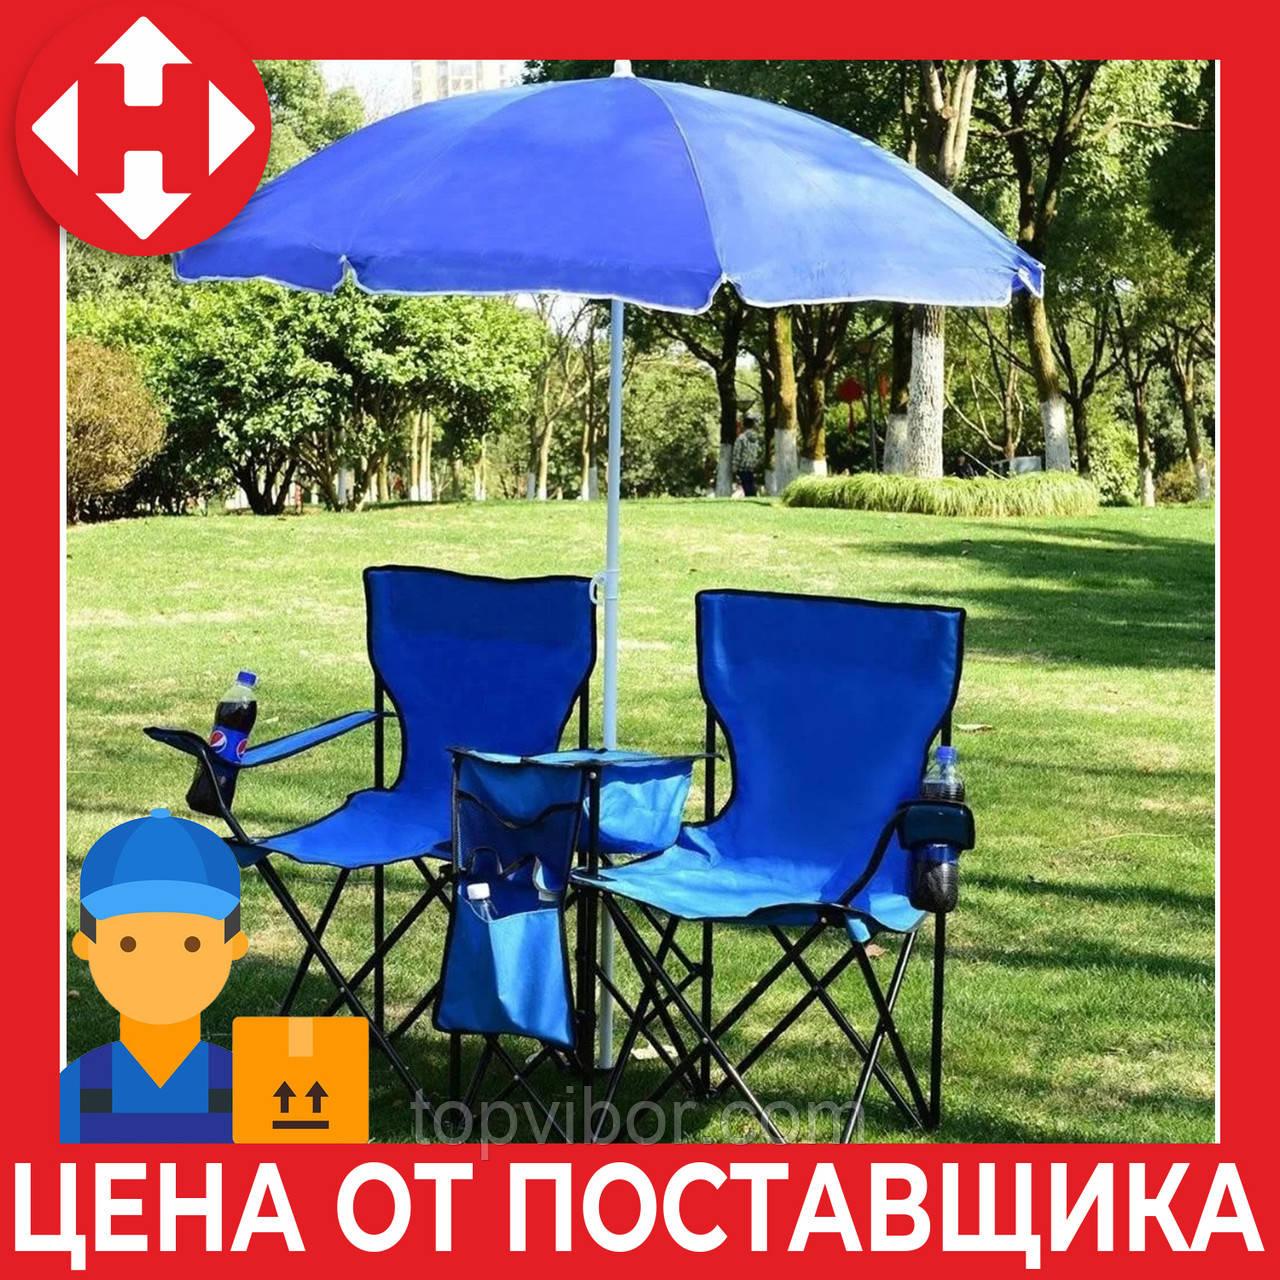 Большой пляжный садовый зонтик от солнца с наклоном синий, 1.6 м (пляжна парасолька) с доставкой